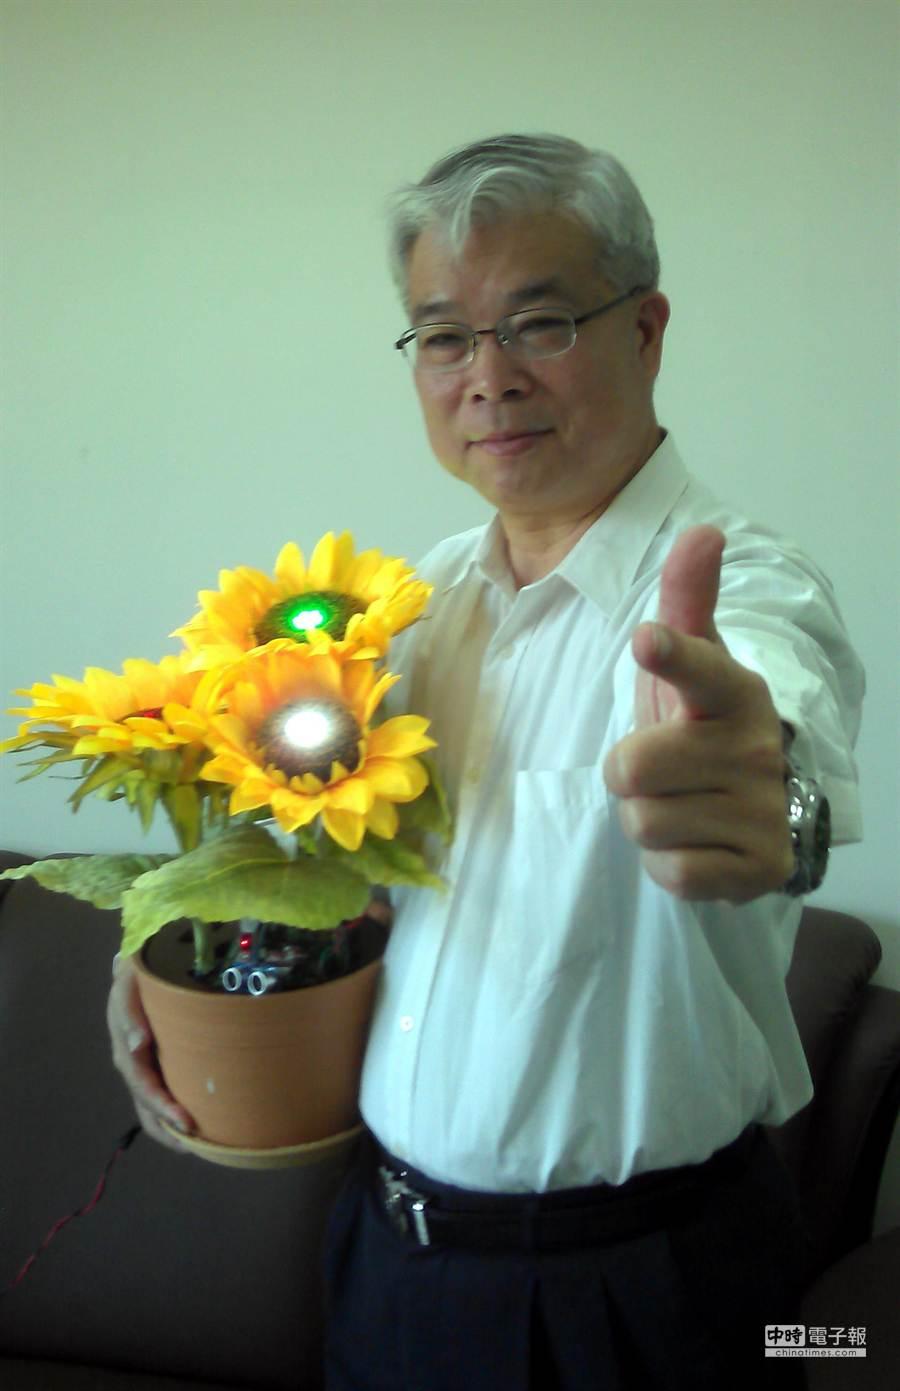 張宏榮在臉書上Kuso「我將帶著太陽花,前進俄羅斯!」(周麗蘭翻攝)